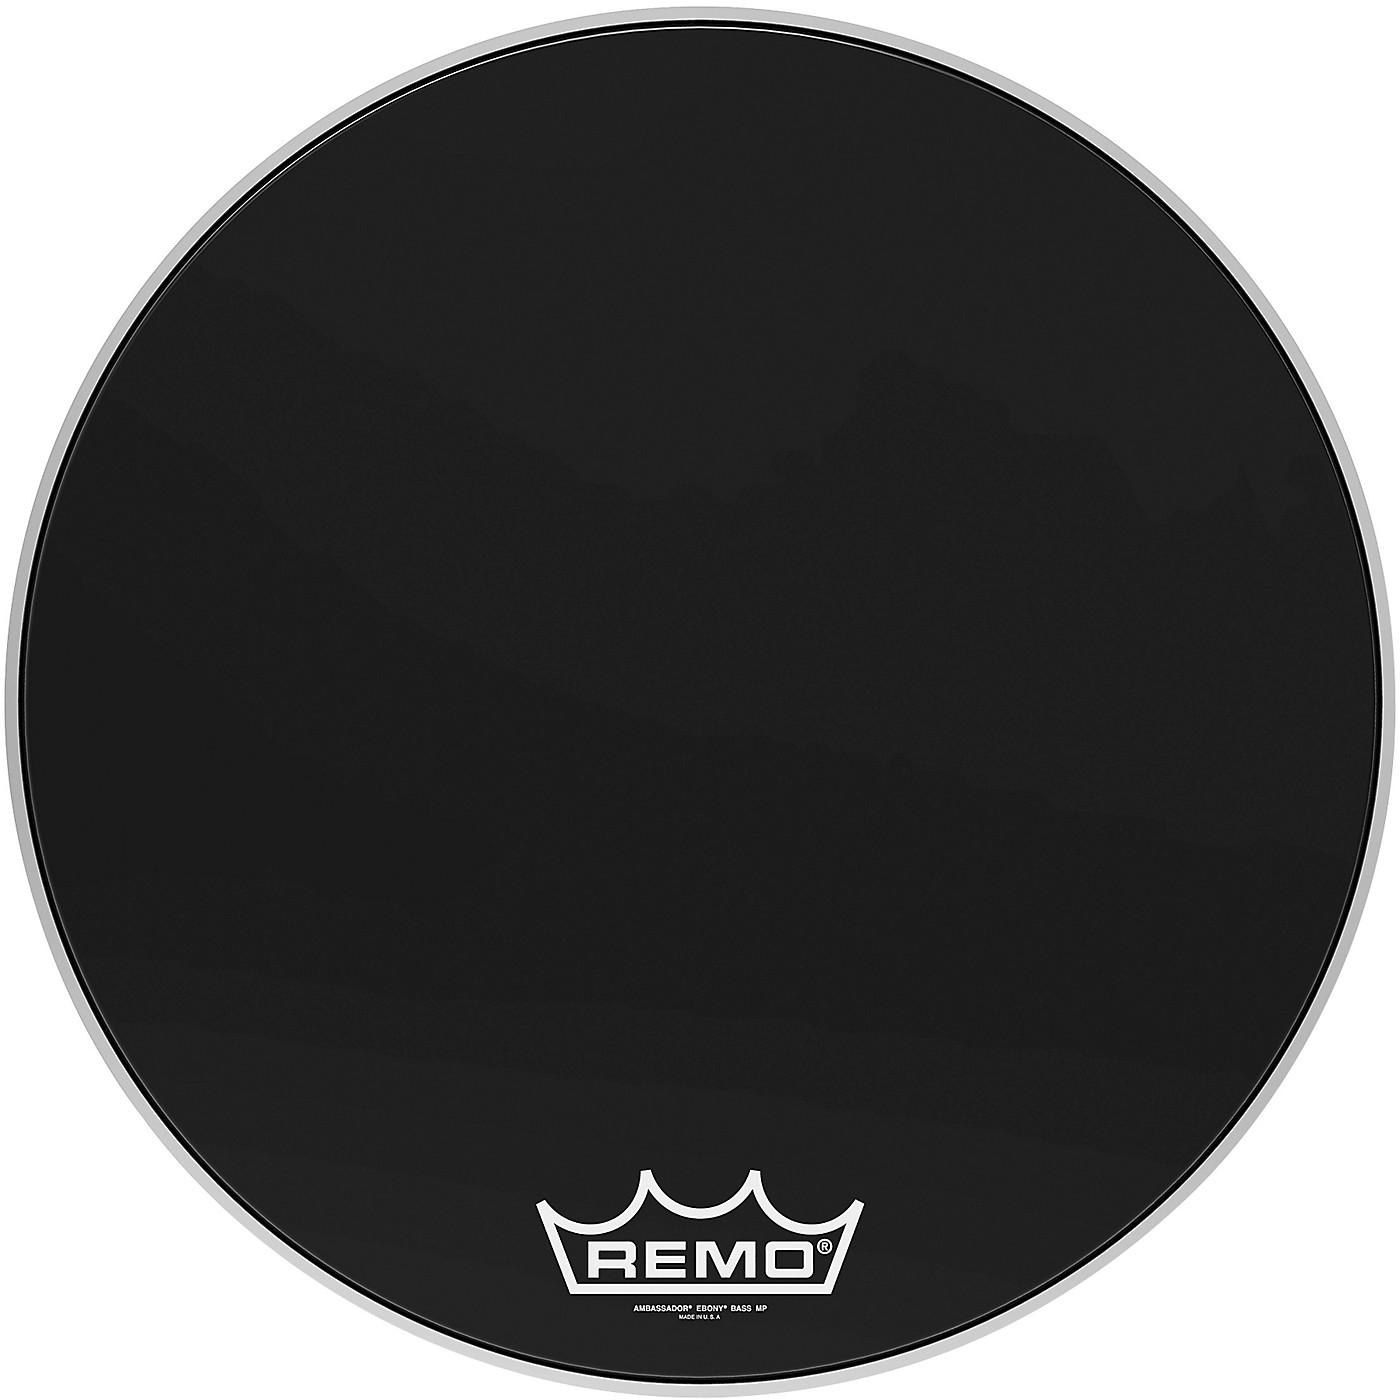 Remo Ebony Ambassador Crimplock Bass Drum Head thumbnail